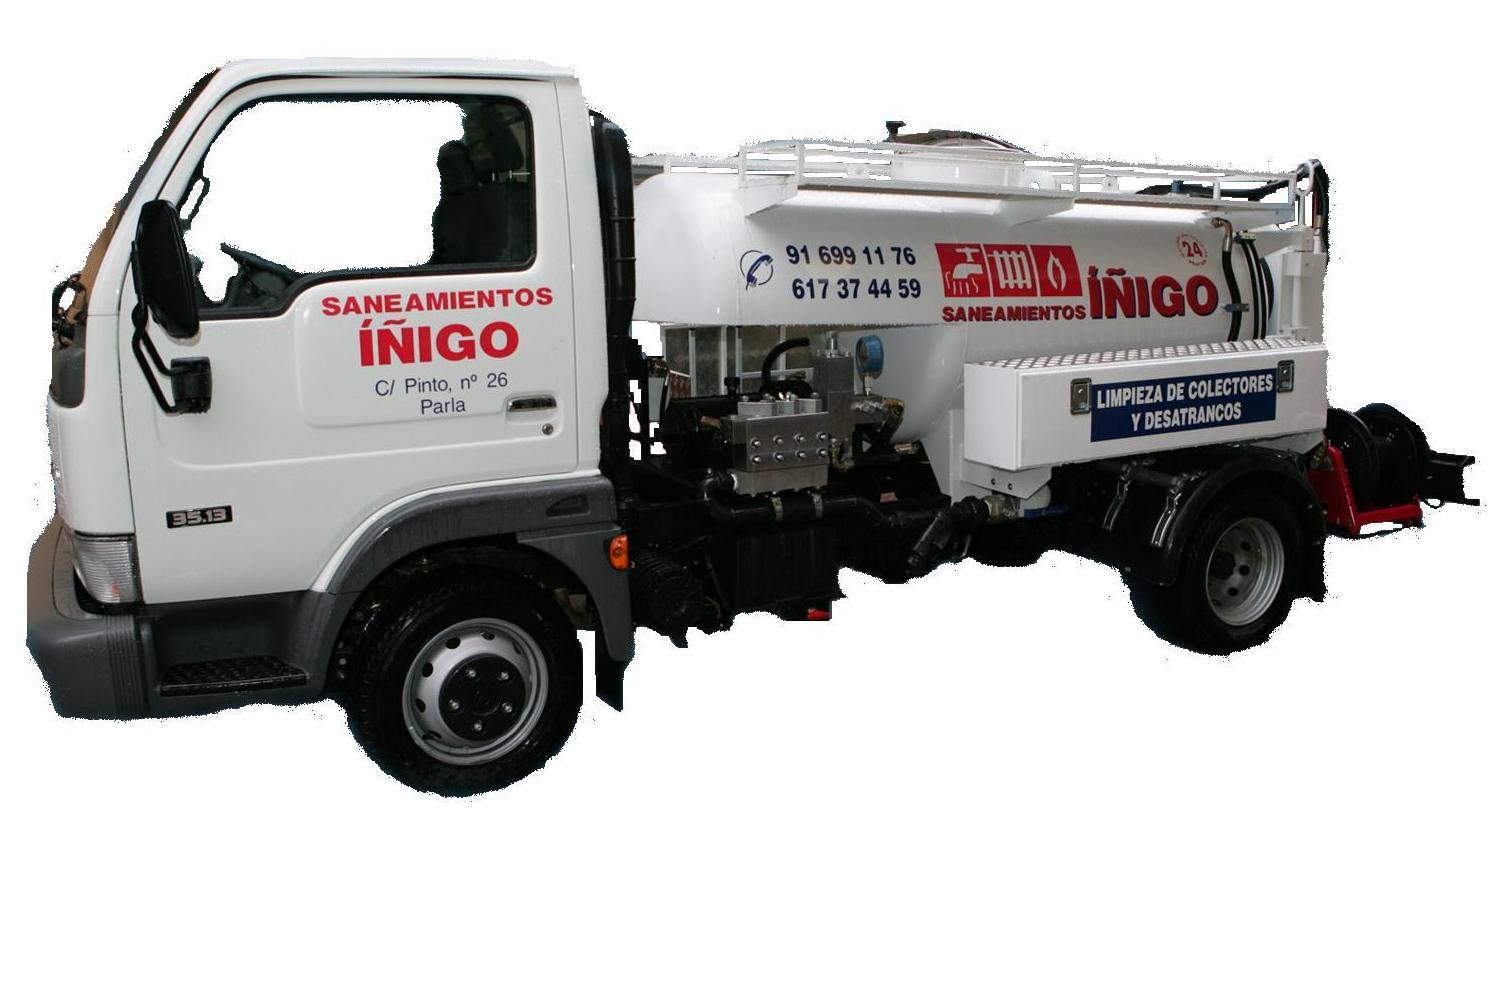 Camión desatranco de Saneamientos Iñigo